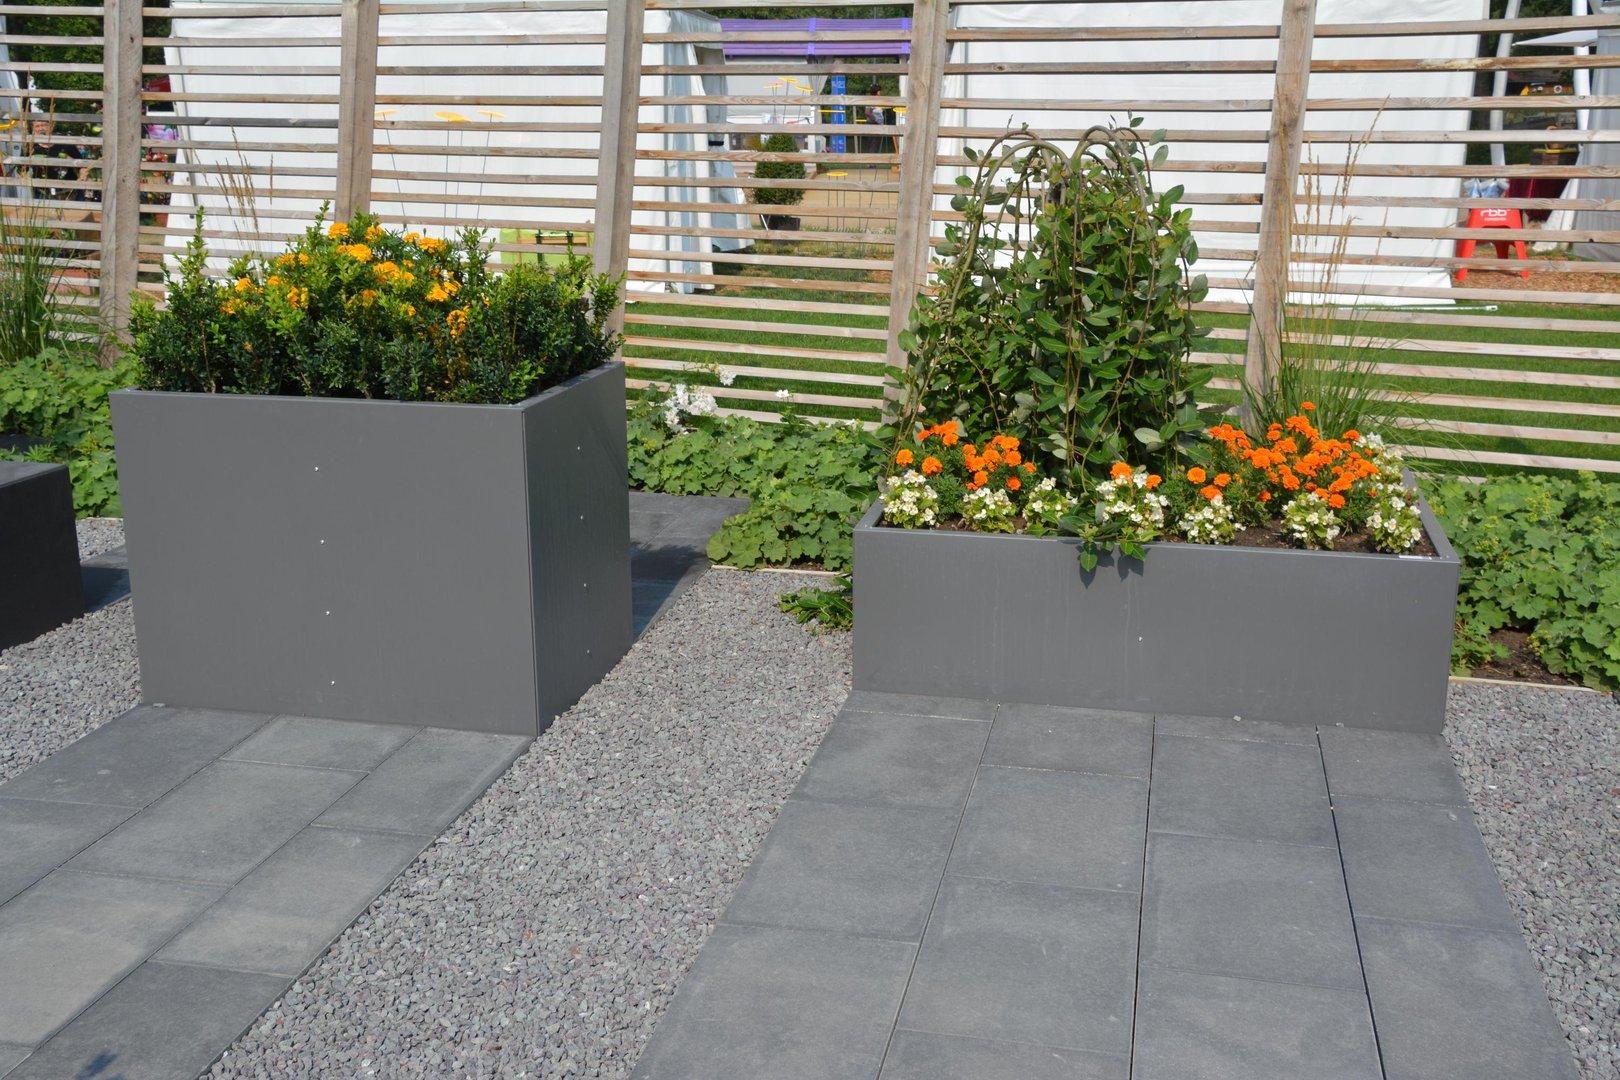 hochbeet urban metall 0 3 x 0 3 m h he 0 5 m beschichtet. Black Bedroom Furniture Sets. Home Design Ideas